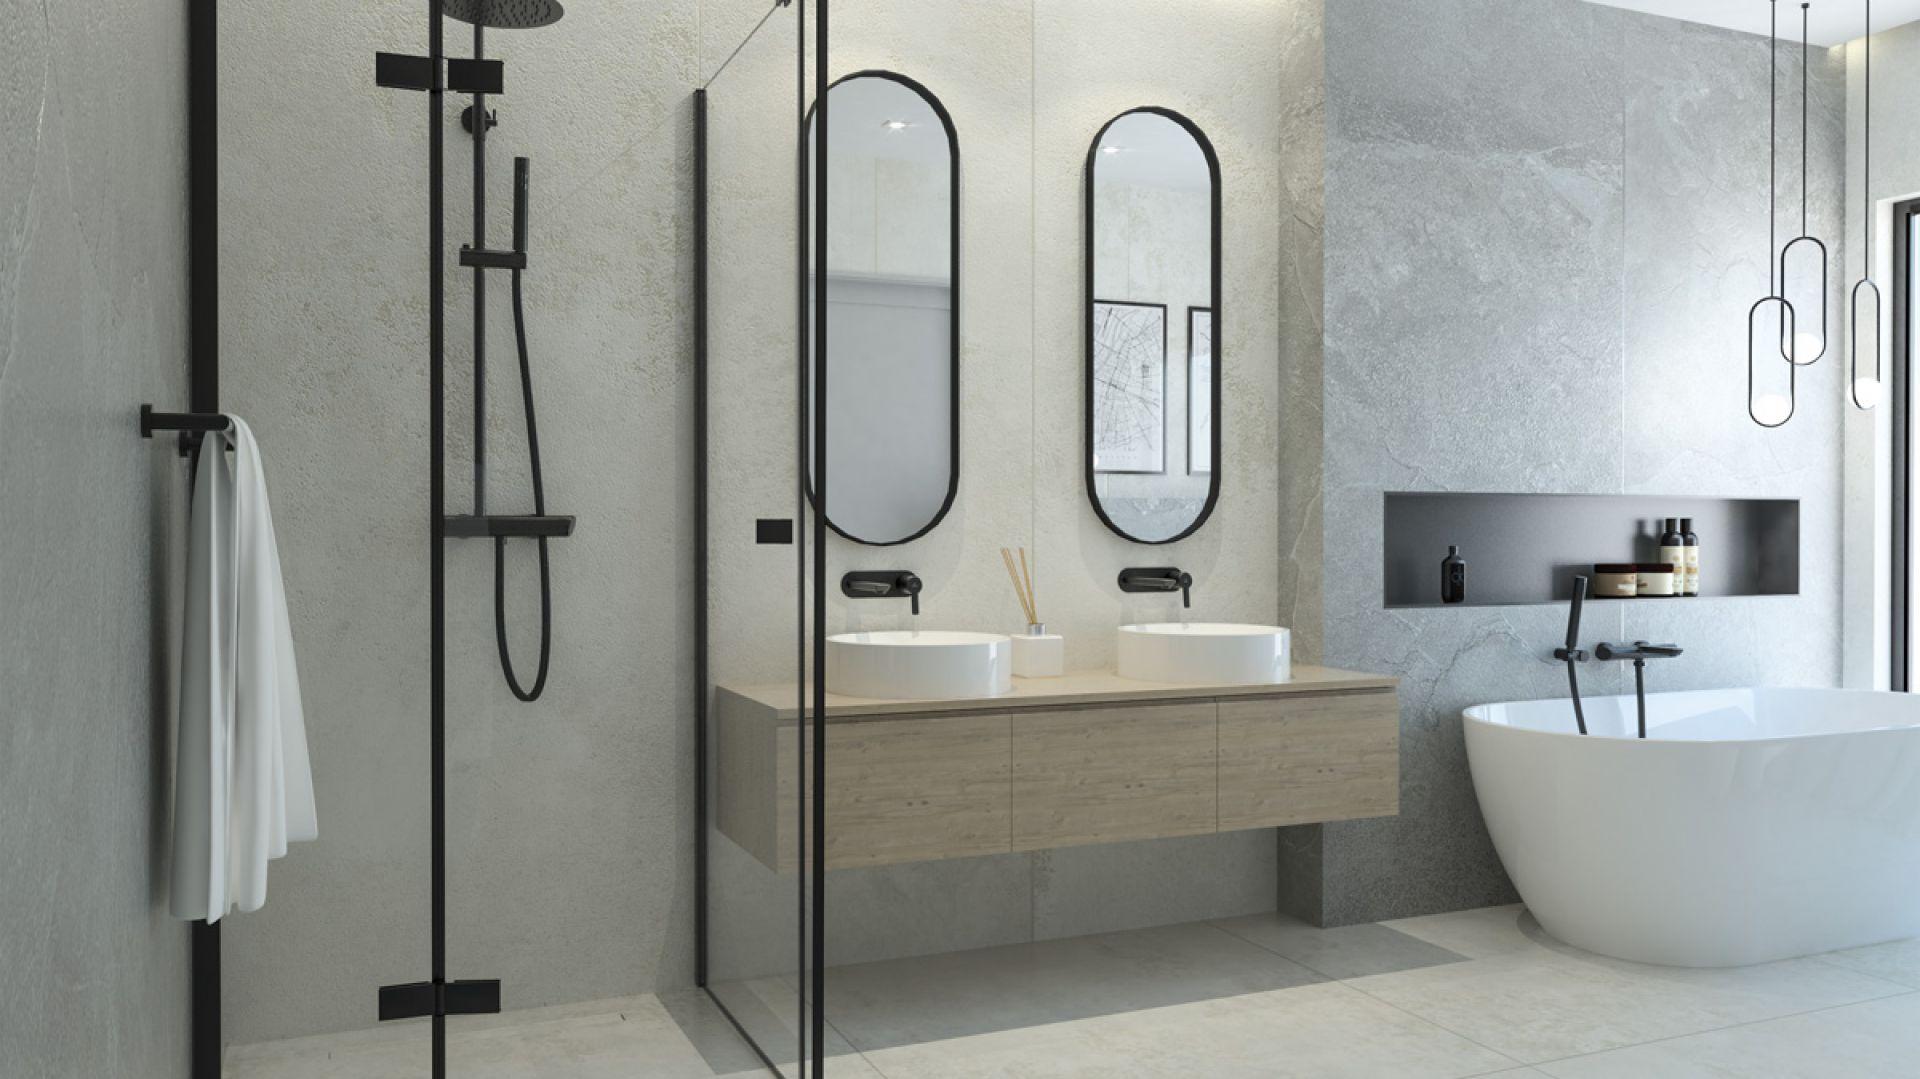 Nowoczesna łazienka w stylu loft. Deante kabina Arnika. Fot. Deante